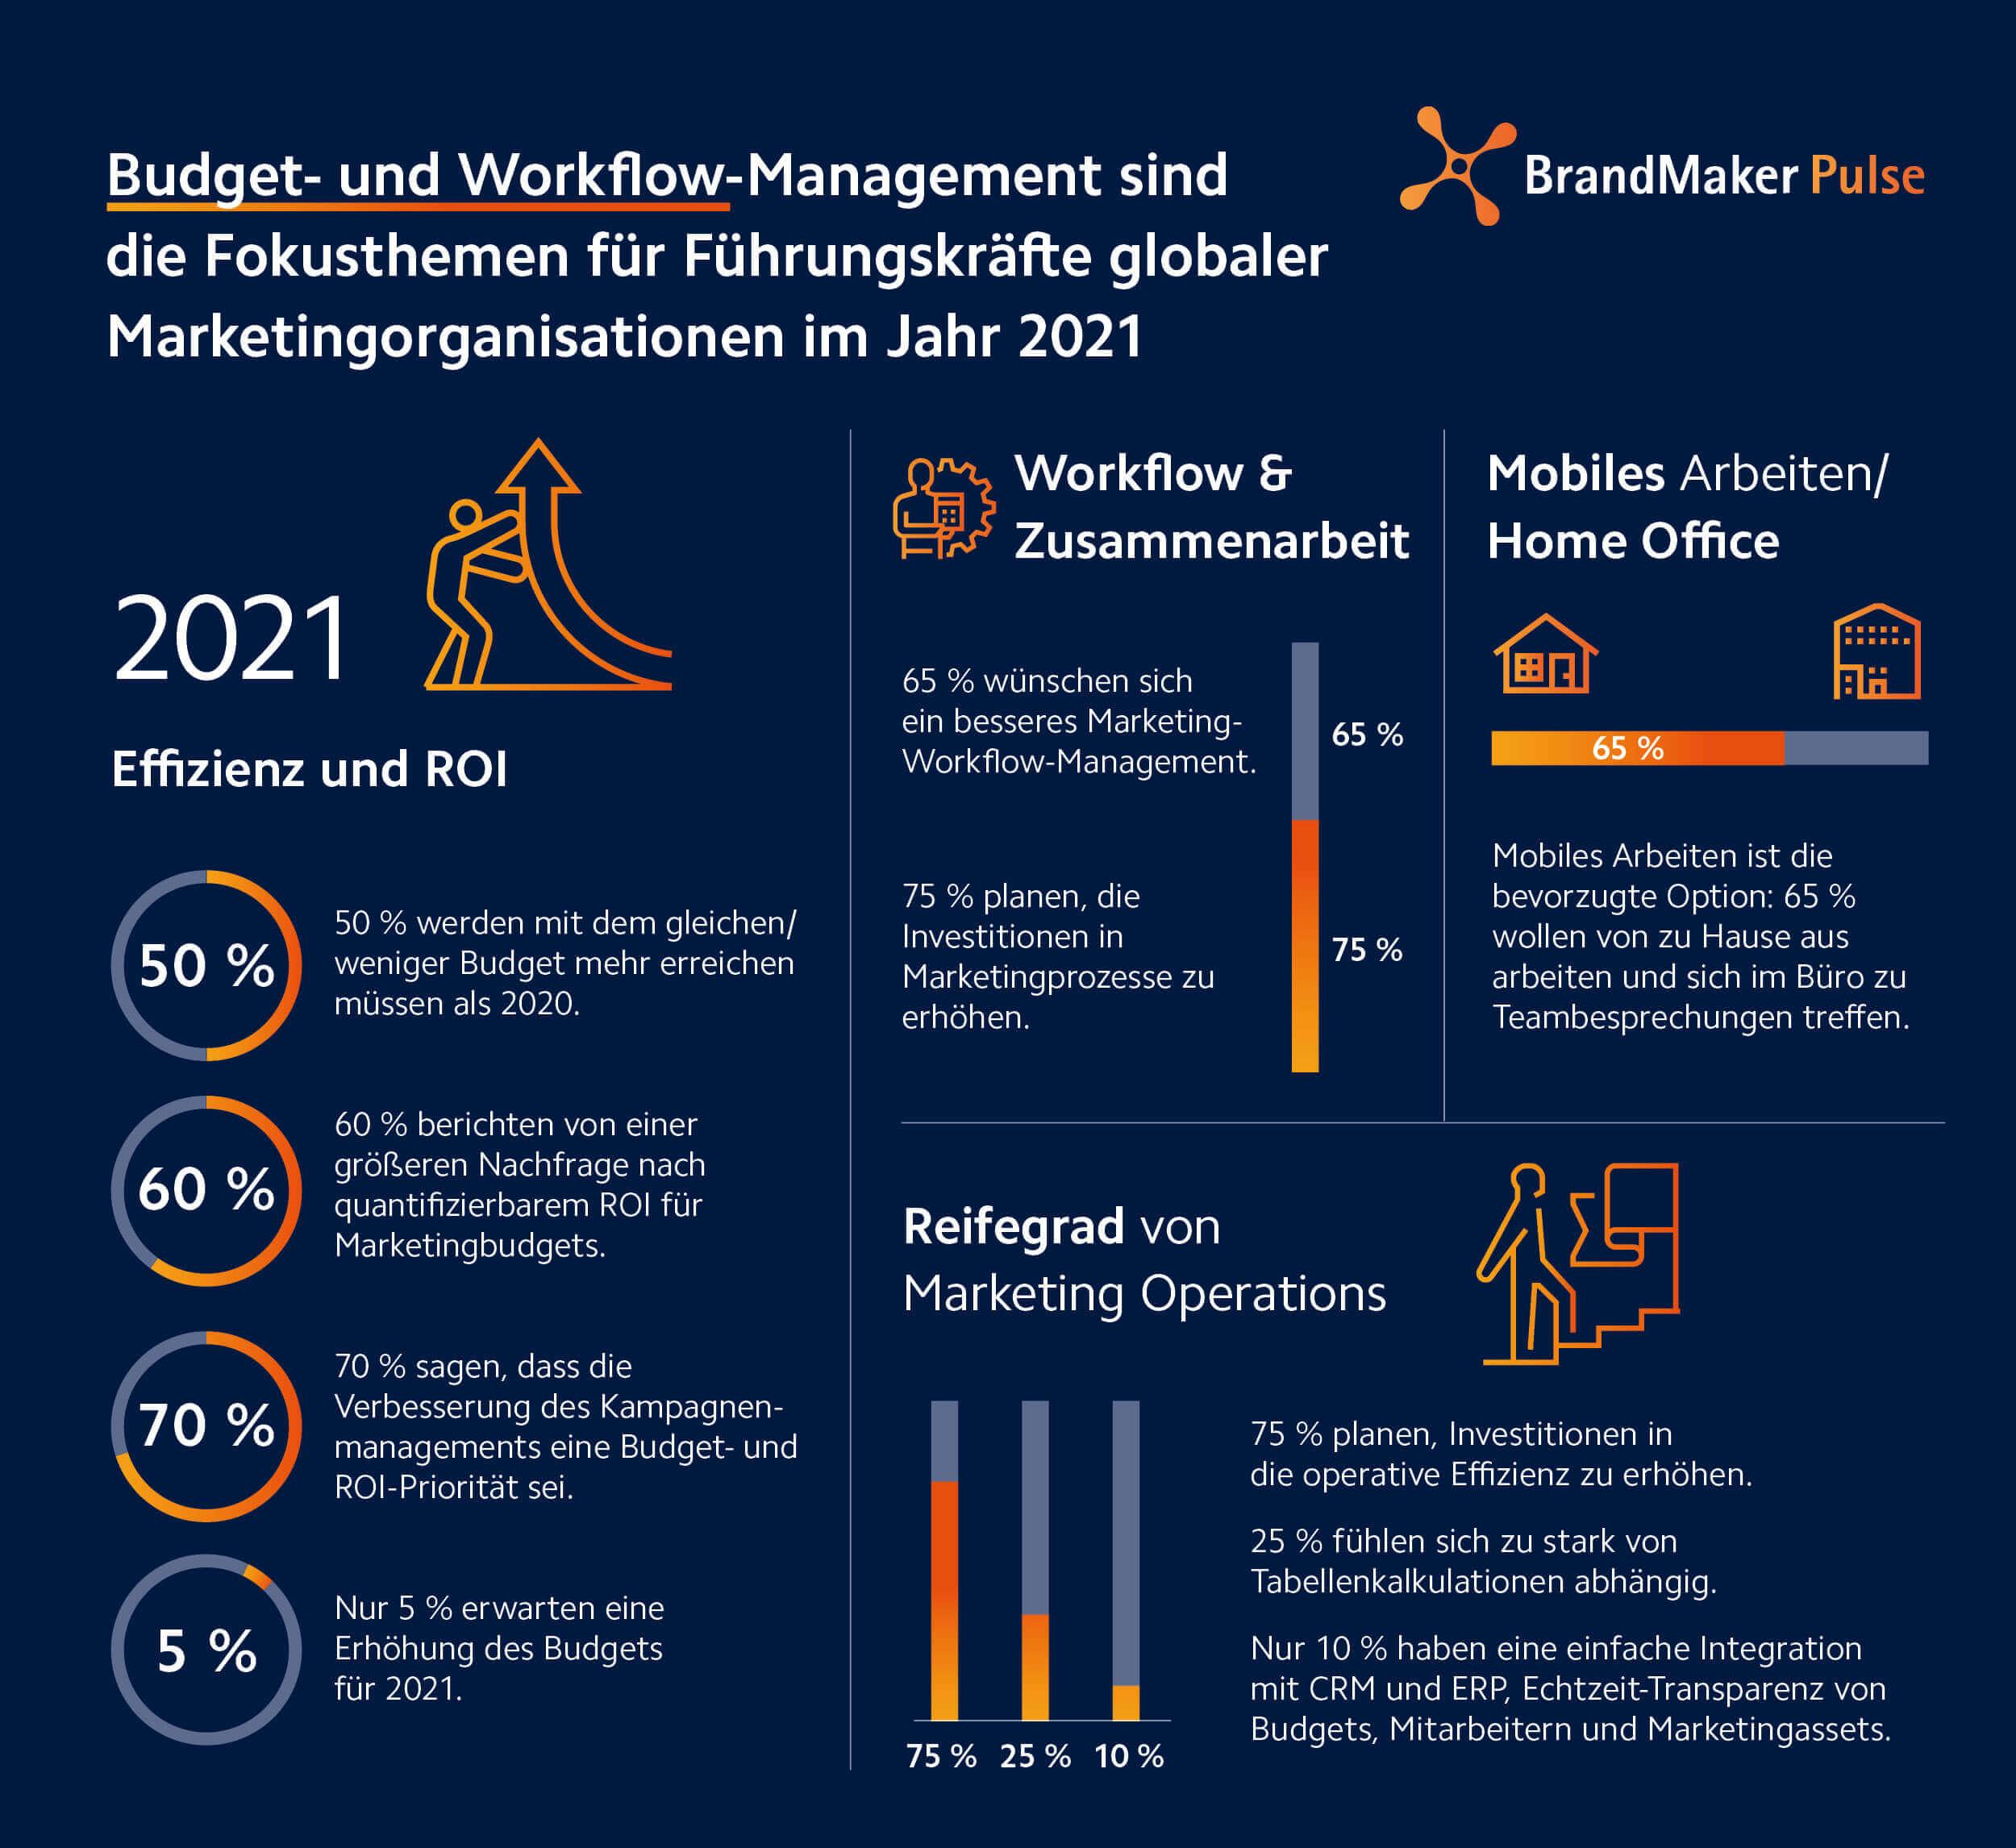 BrandMaker 'Pulse': Budget- und Workflow-Management haben Priorität für globale Marketingorganisationen im Jahr 2021